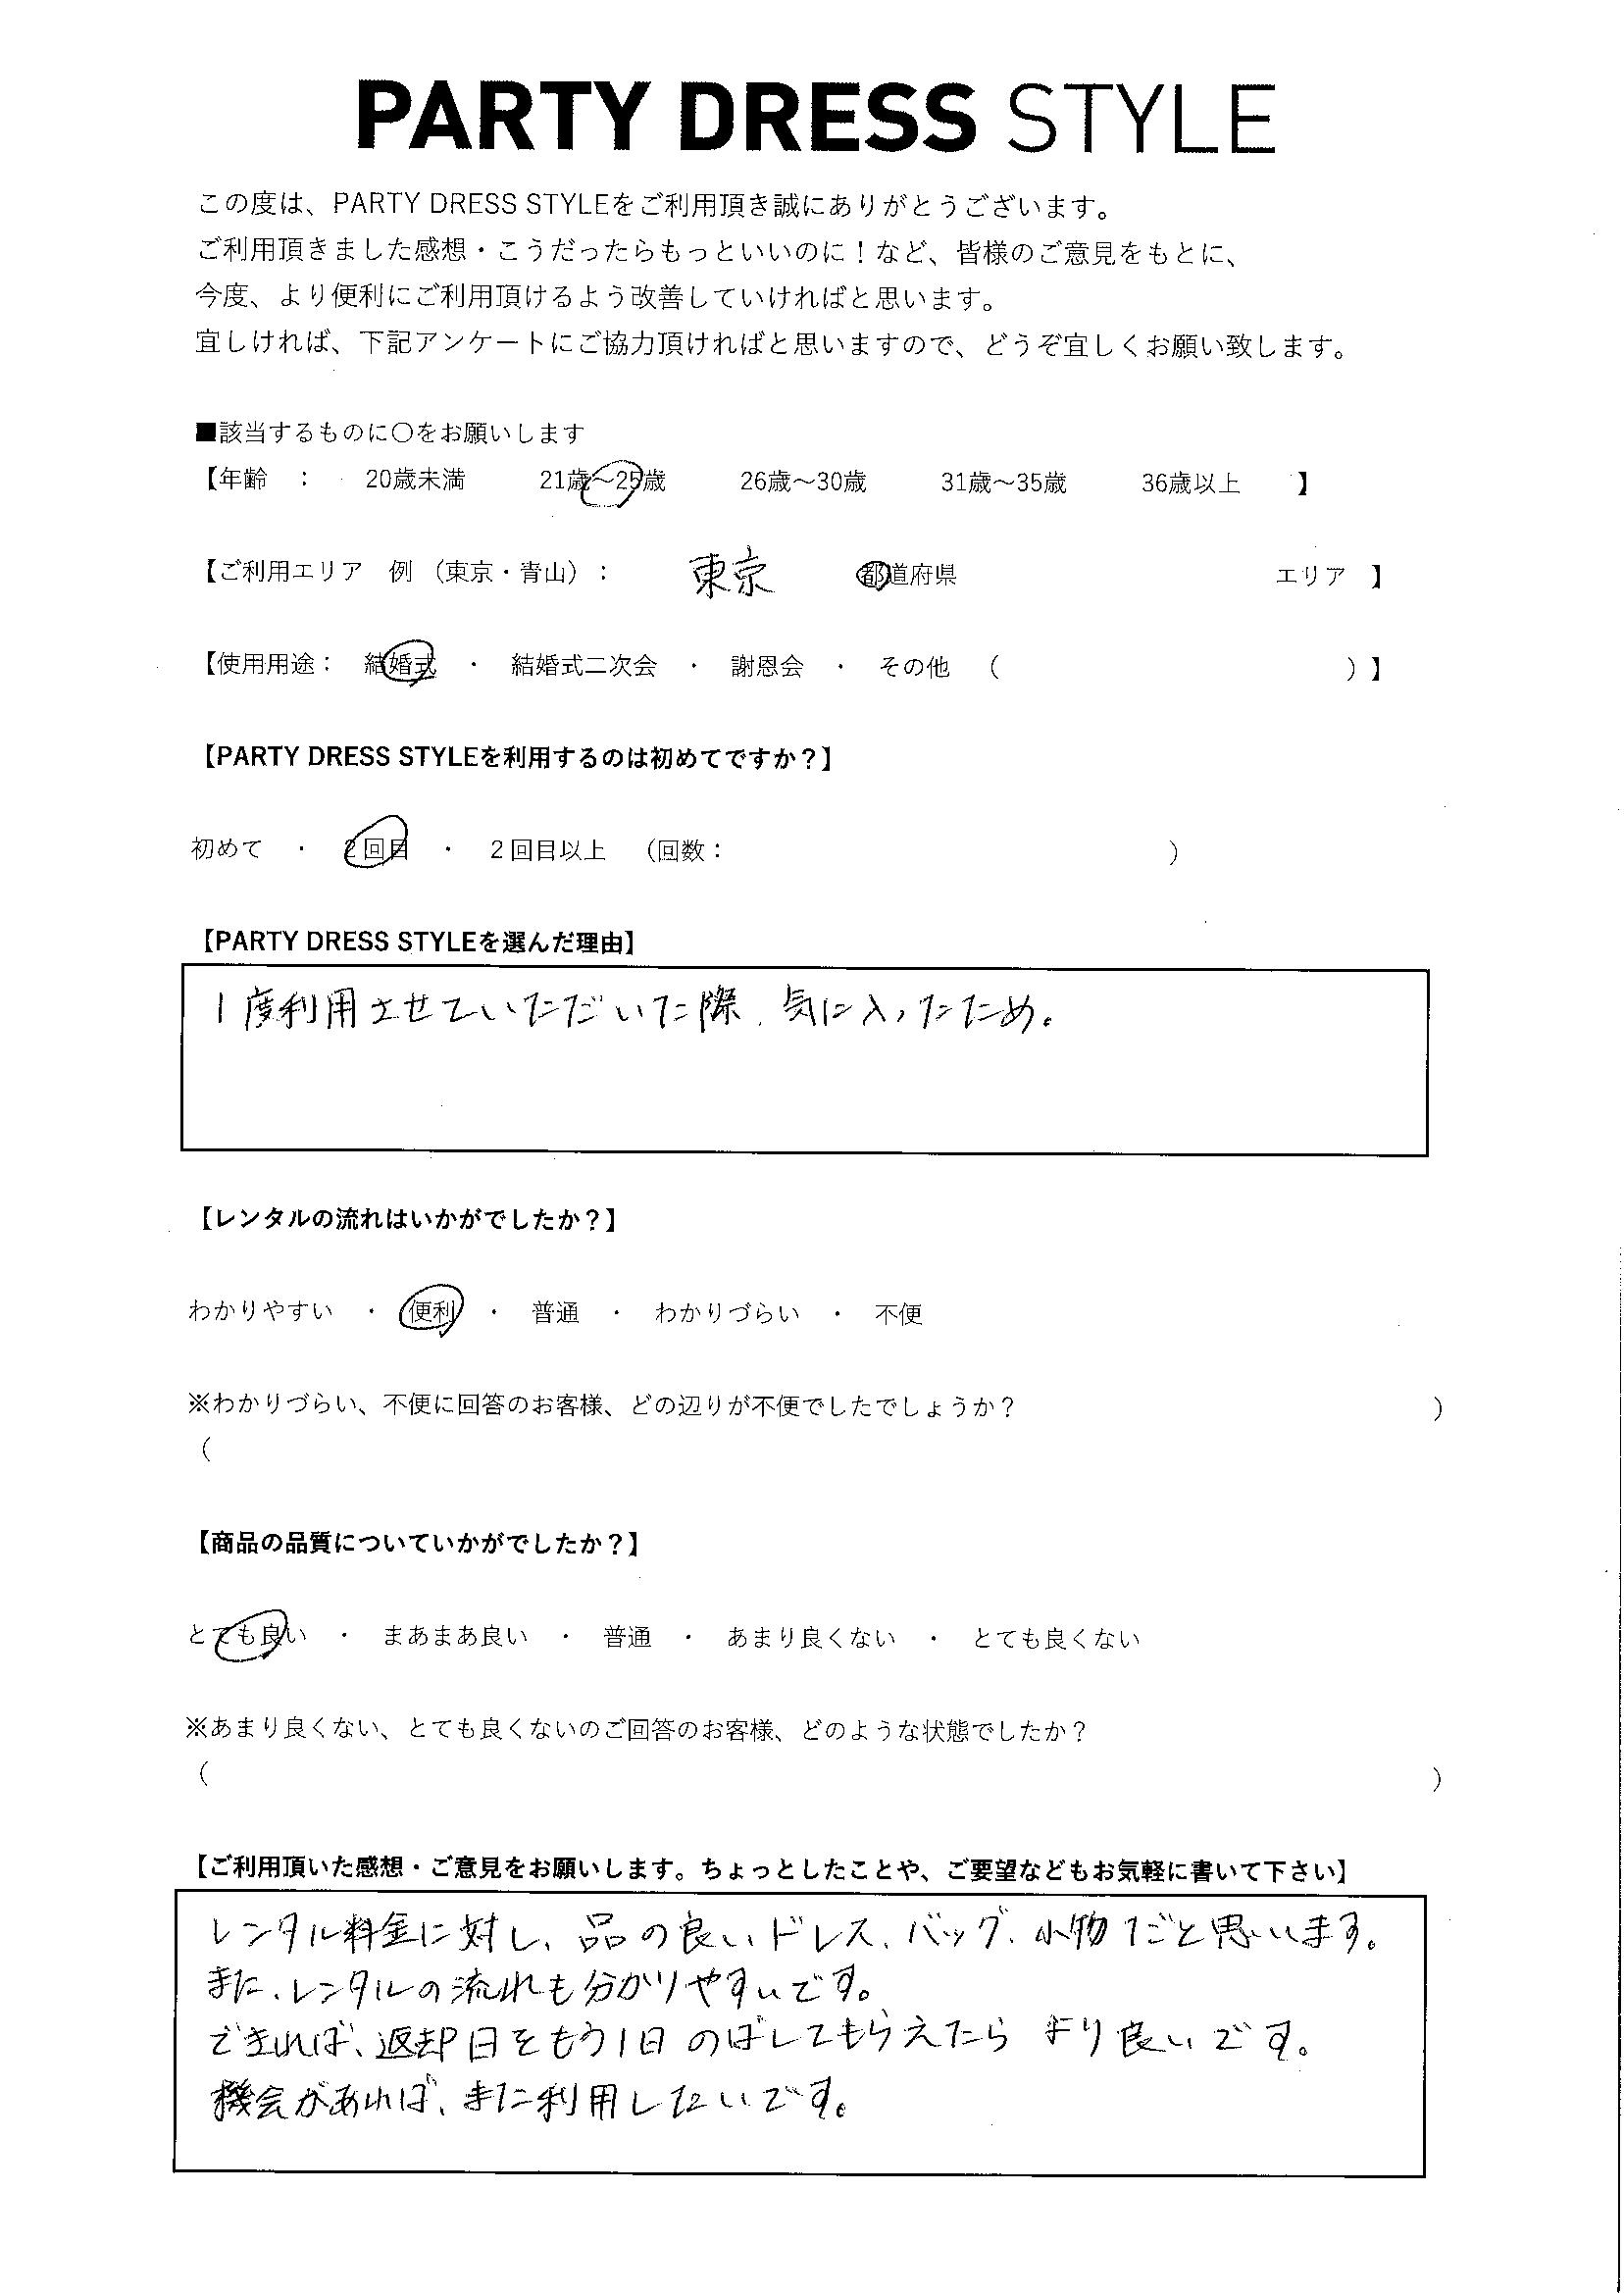 3/20結婚式ご利用 東京エリア